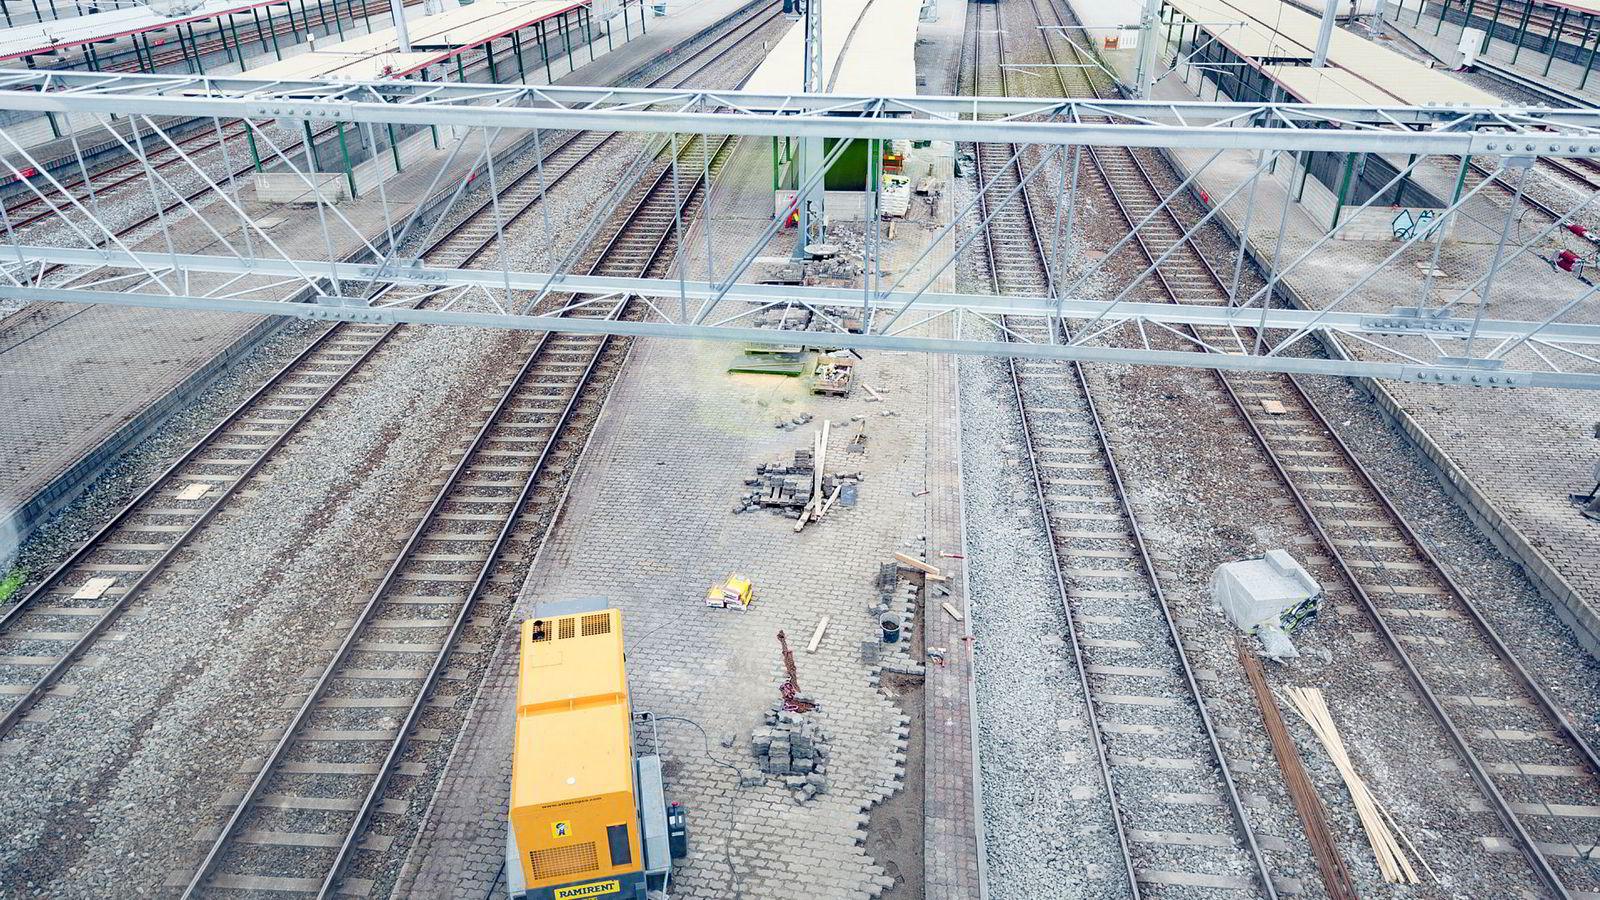 Styreprotokoller fra Bane Nor viser at to av Intercity-strekningene som bygges ut kommer til å gå over budsjett med minst en milliard kroner.